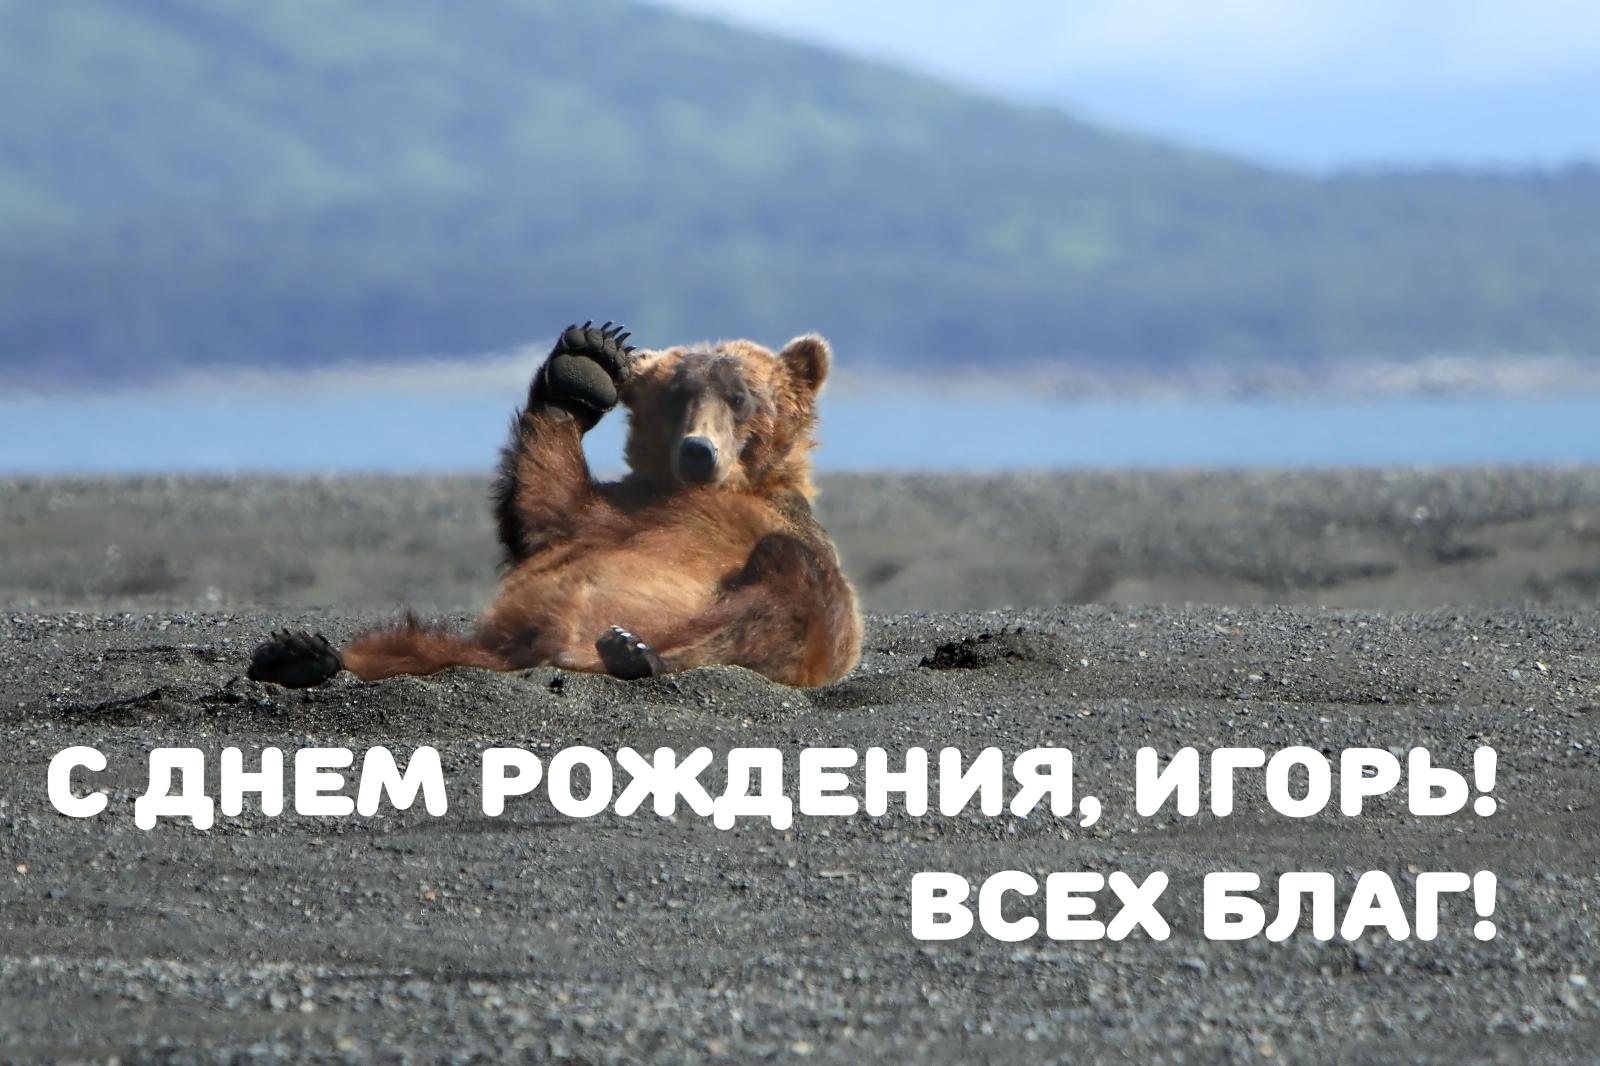 Игорь юмористические поздравления с днем рождения